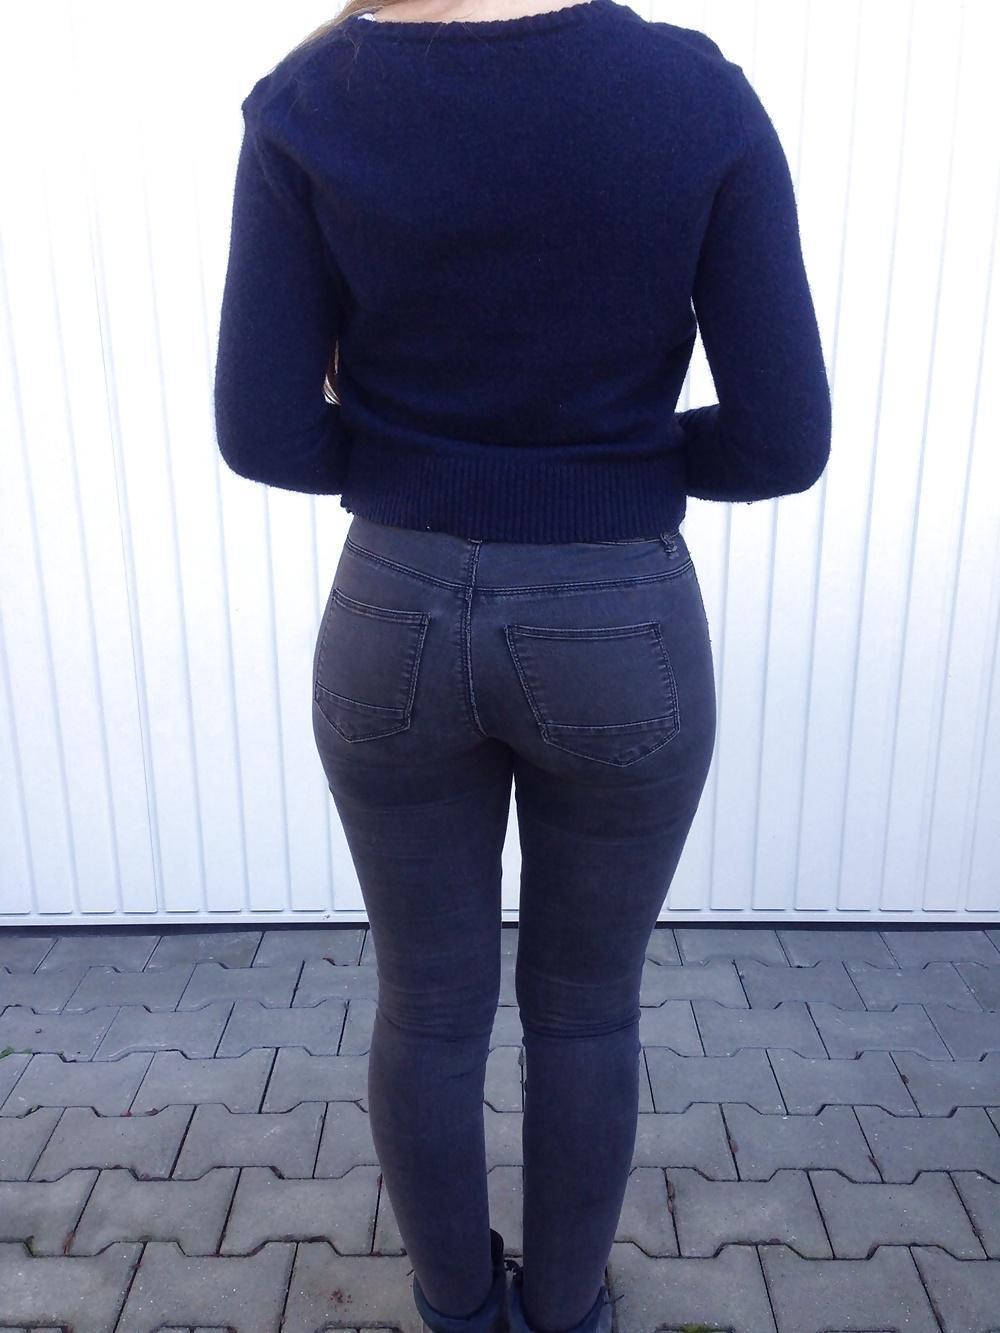 JeansAss aus Berlin,Deutschland